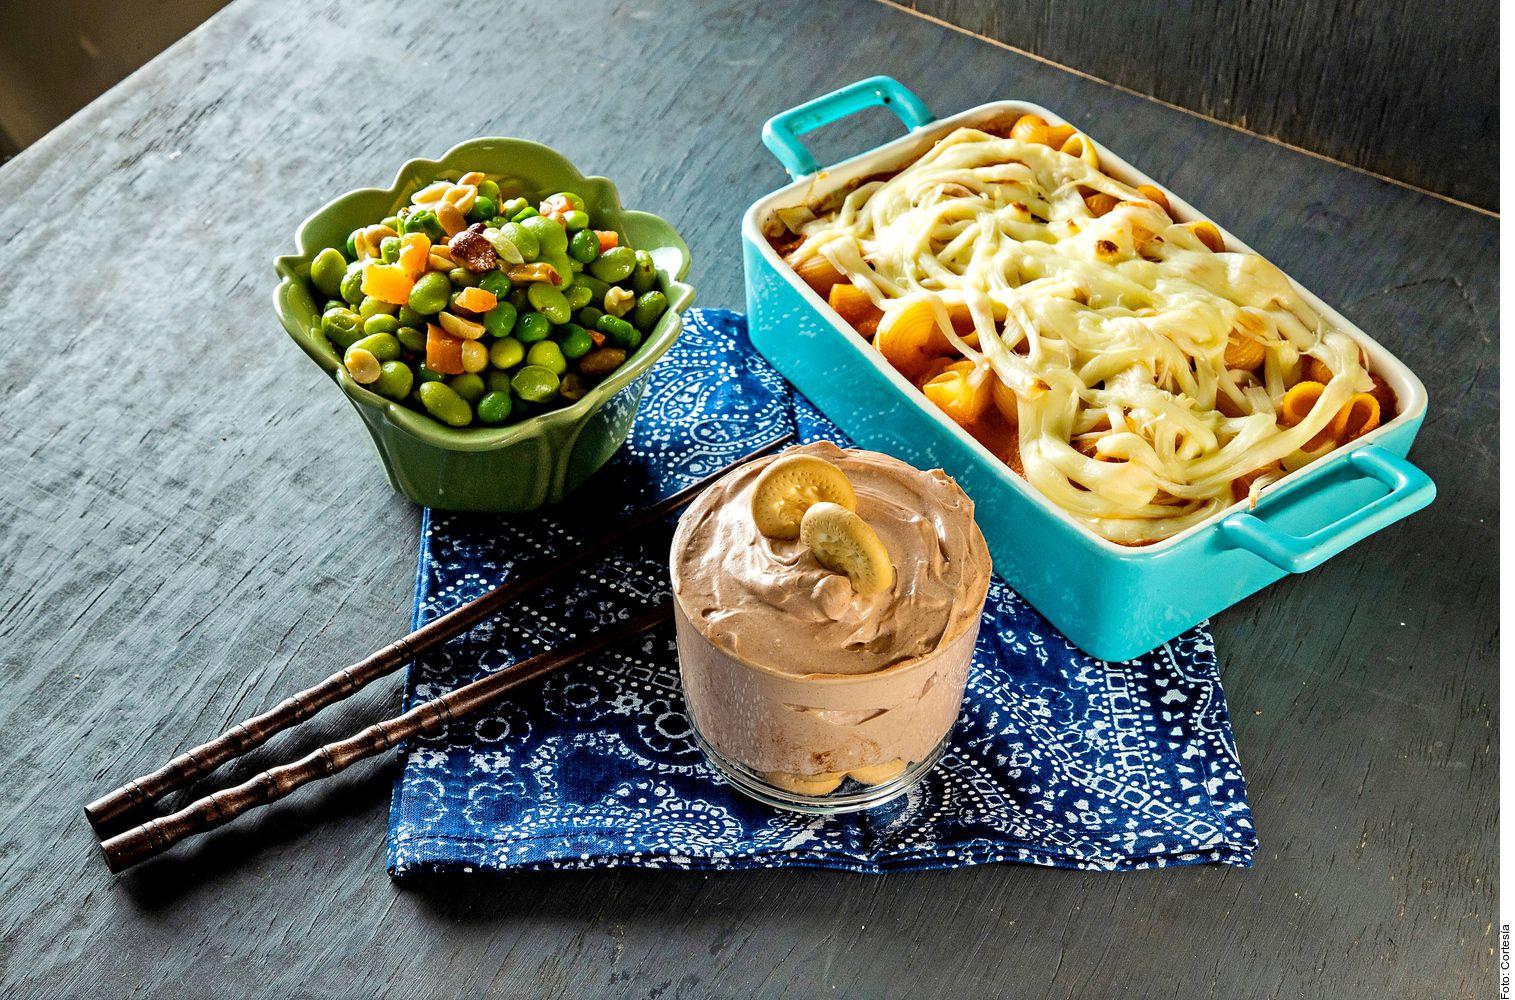 Una cena completa puede incluir una ensalada tibia de frijoles de soya, pasta al horno con pollo y tiramisú exprés.